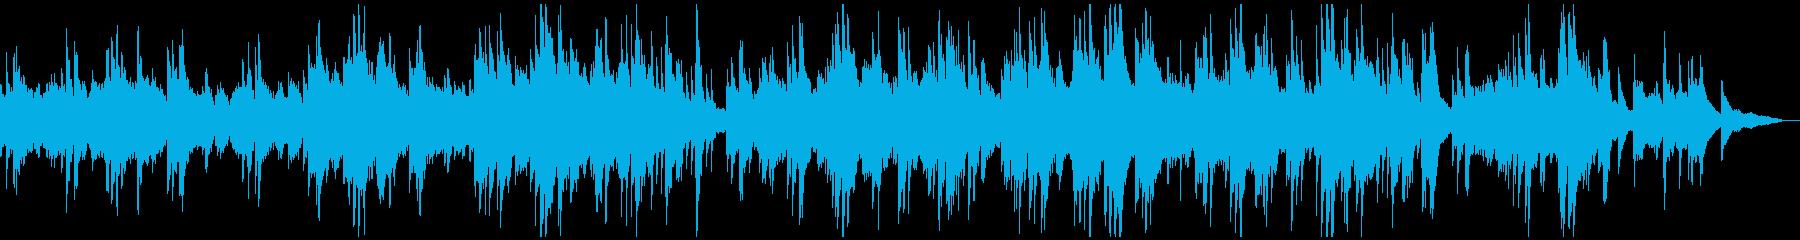 優しいニュース・天気予報 ピアノソロの再生済みの波形